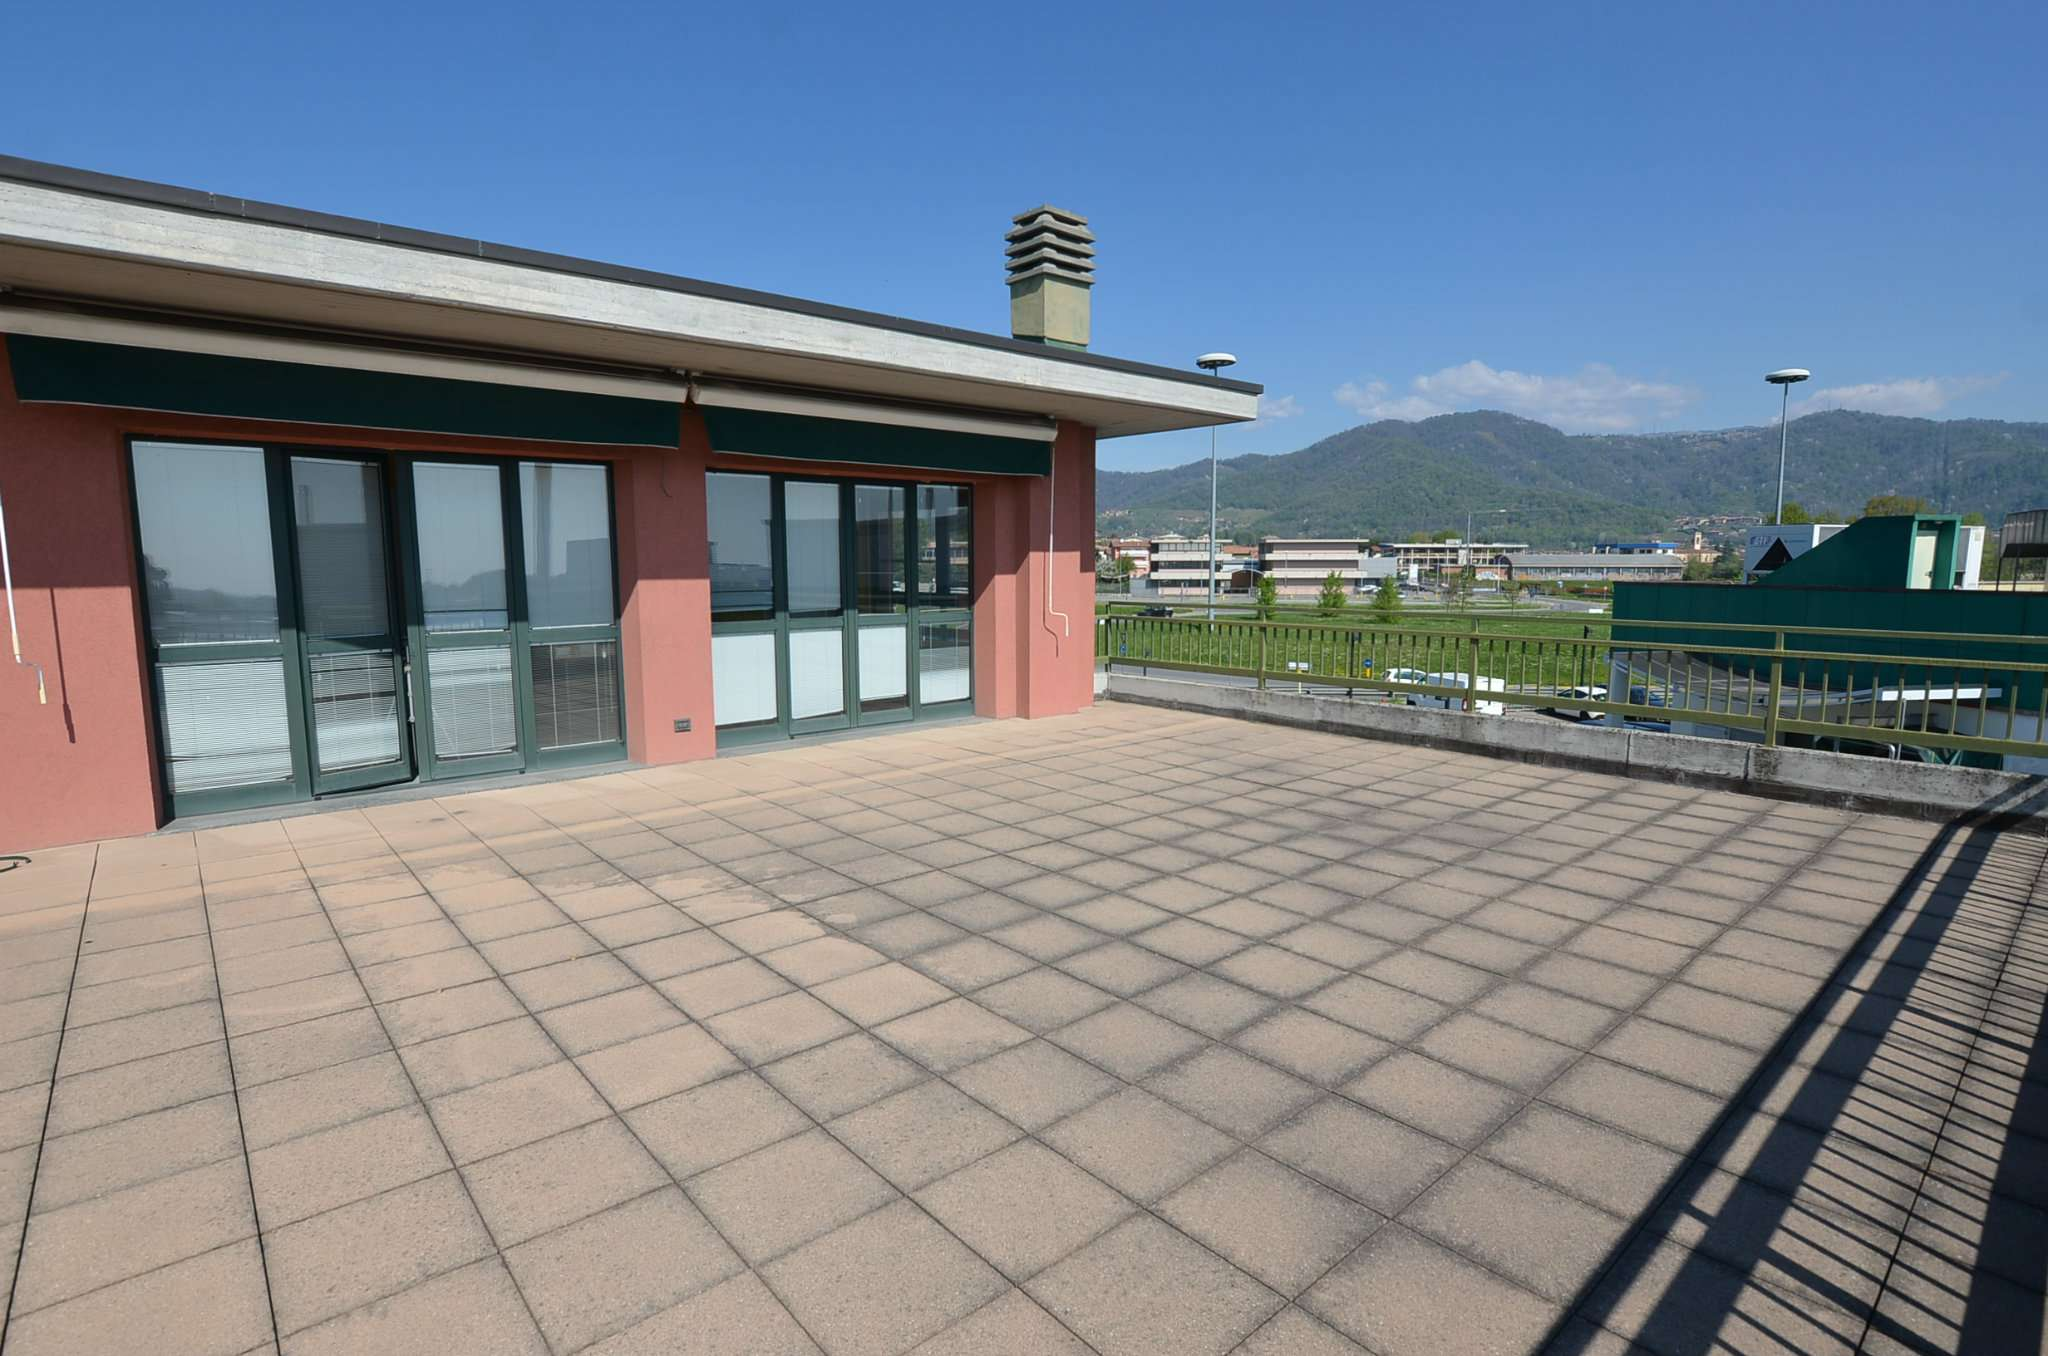 Ufficio / Studio in affitto a Calusco d'Adda, 7 locali, prezzo € 1.500 | CambioCasa.it